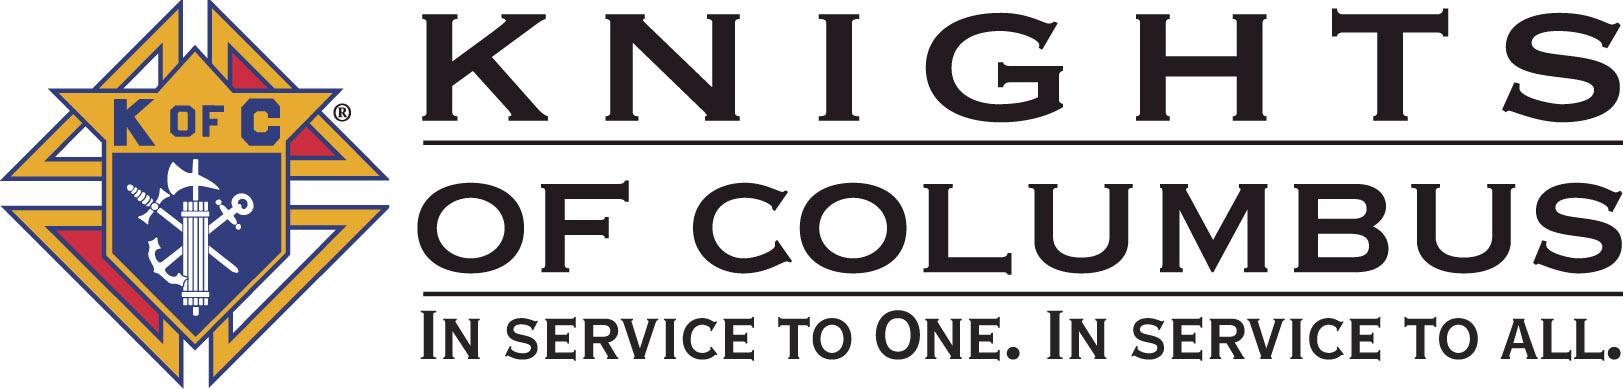 Knights_of_Columus_logo.jpg